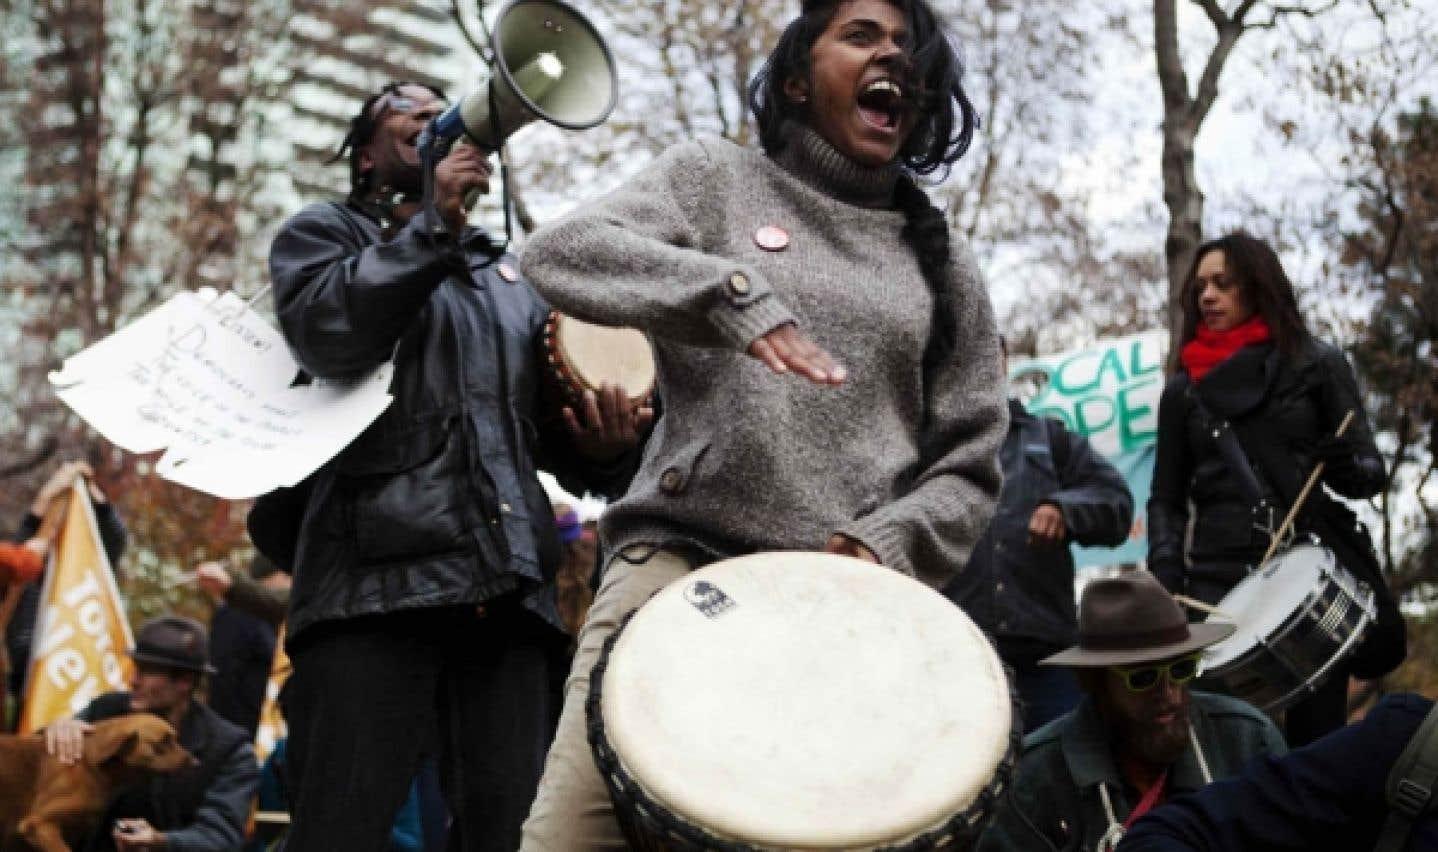 Des indignés d'Occupy Toronto en novembre dernier. Une invitation a été lancée mercredi dernier sur le site InterOccupy et la conférence téléphonique avait un objectif clair: rassembler ces forces créatrices dans l'espoir de créer une autre lame de fond qui, cette fois, pourrait faire passer l'indignation des derniers mois, et surtout ses fondamentaux, dans le champ de l'art et de la culture.